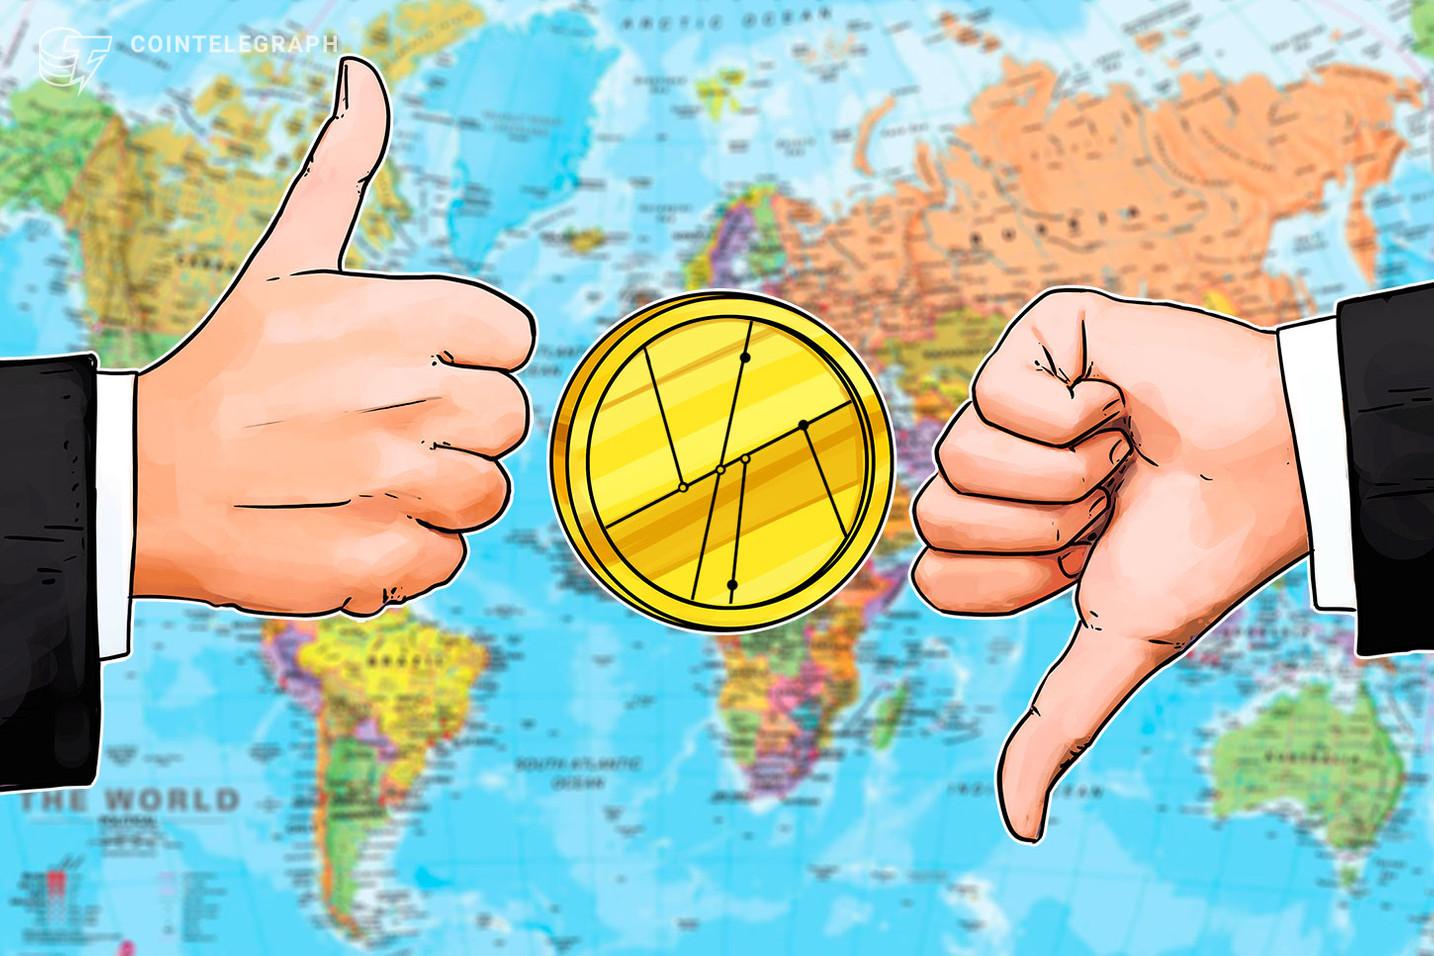 مسؤولٌ تنفيذي ببنك التسويات الدولية يحذر من العملات الرقمية الصادرة عن البنوك المركزية